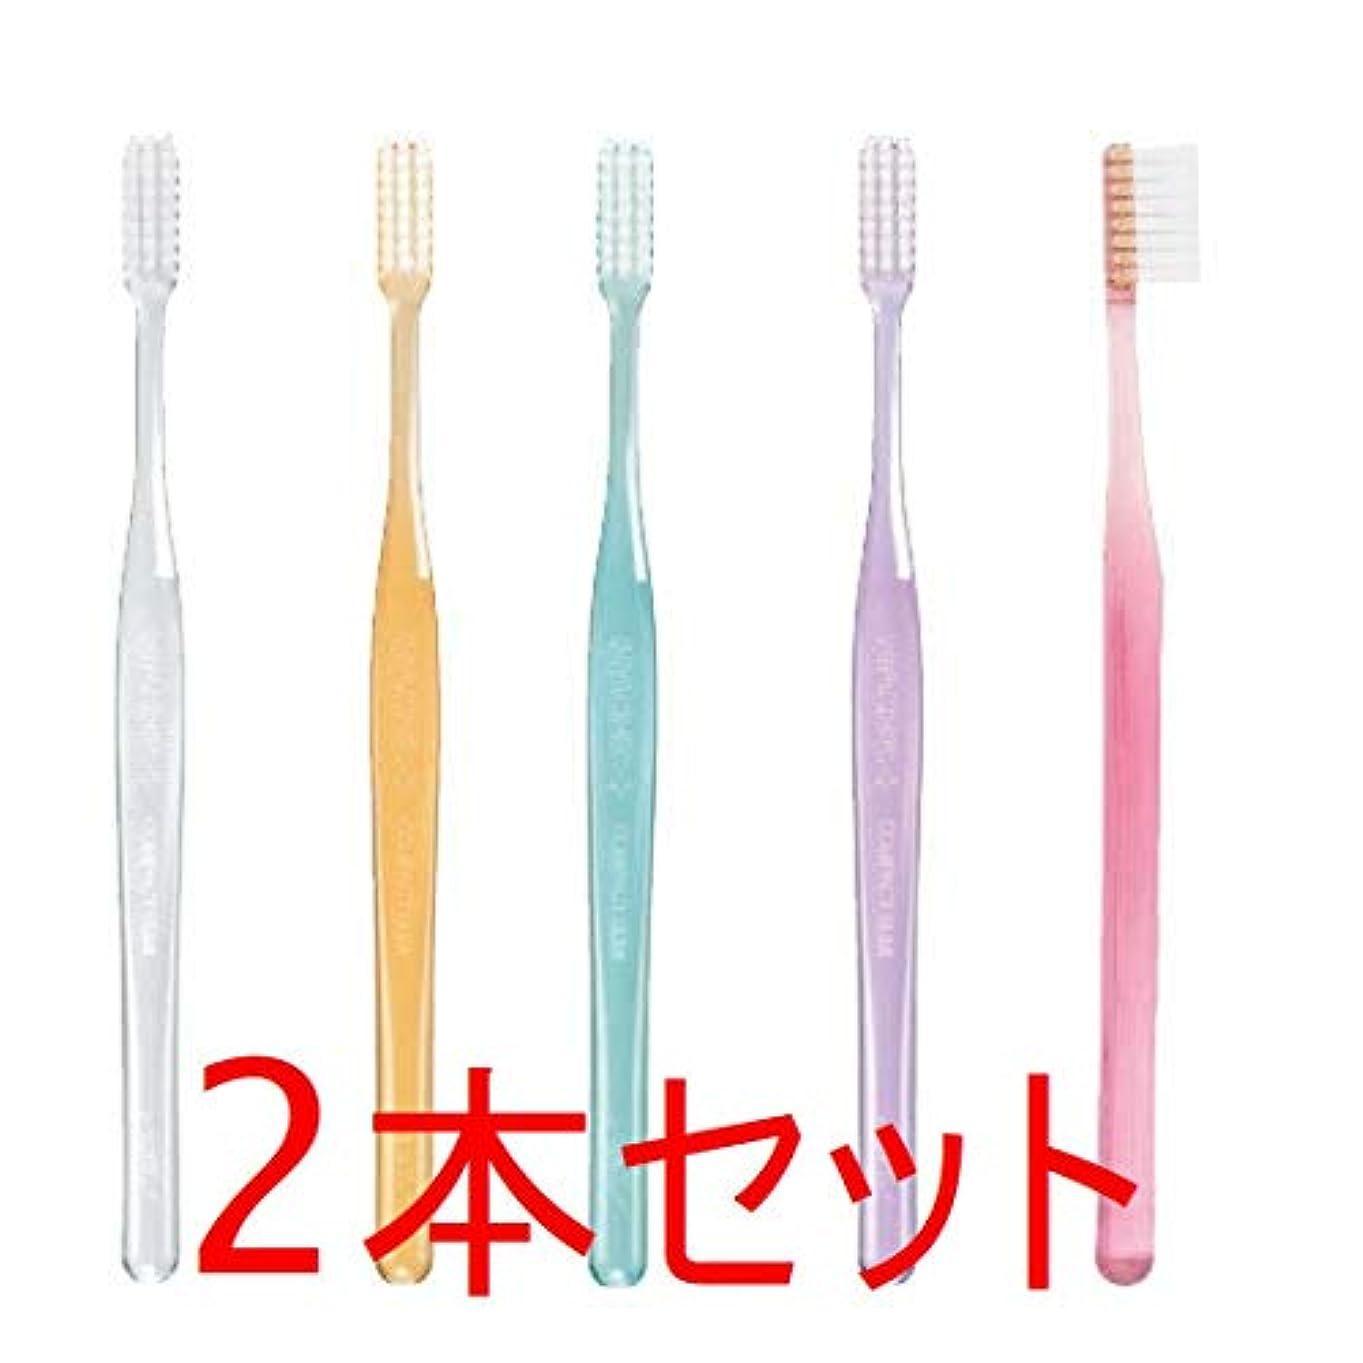 の量スマッシュグローブGC プロスペック 歯ブラシ プラス コンパクトスリム 2本 クリアー色 (M(ふつう), おまかせ)